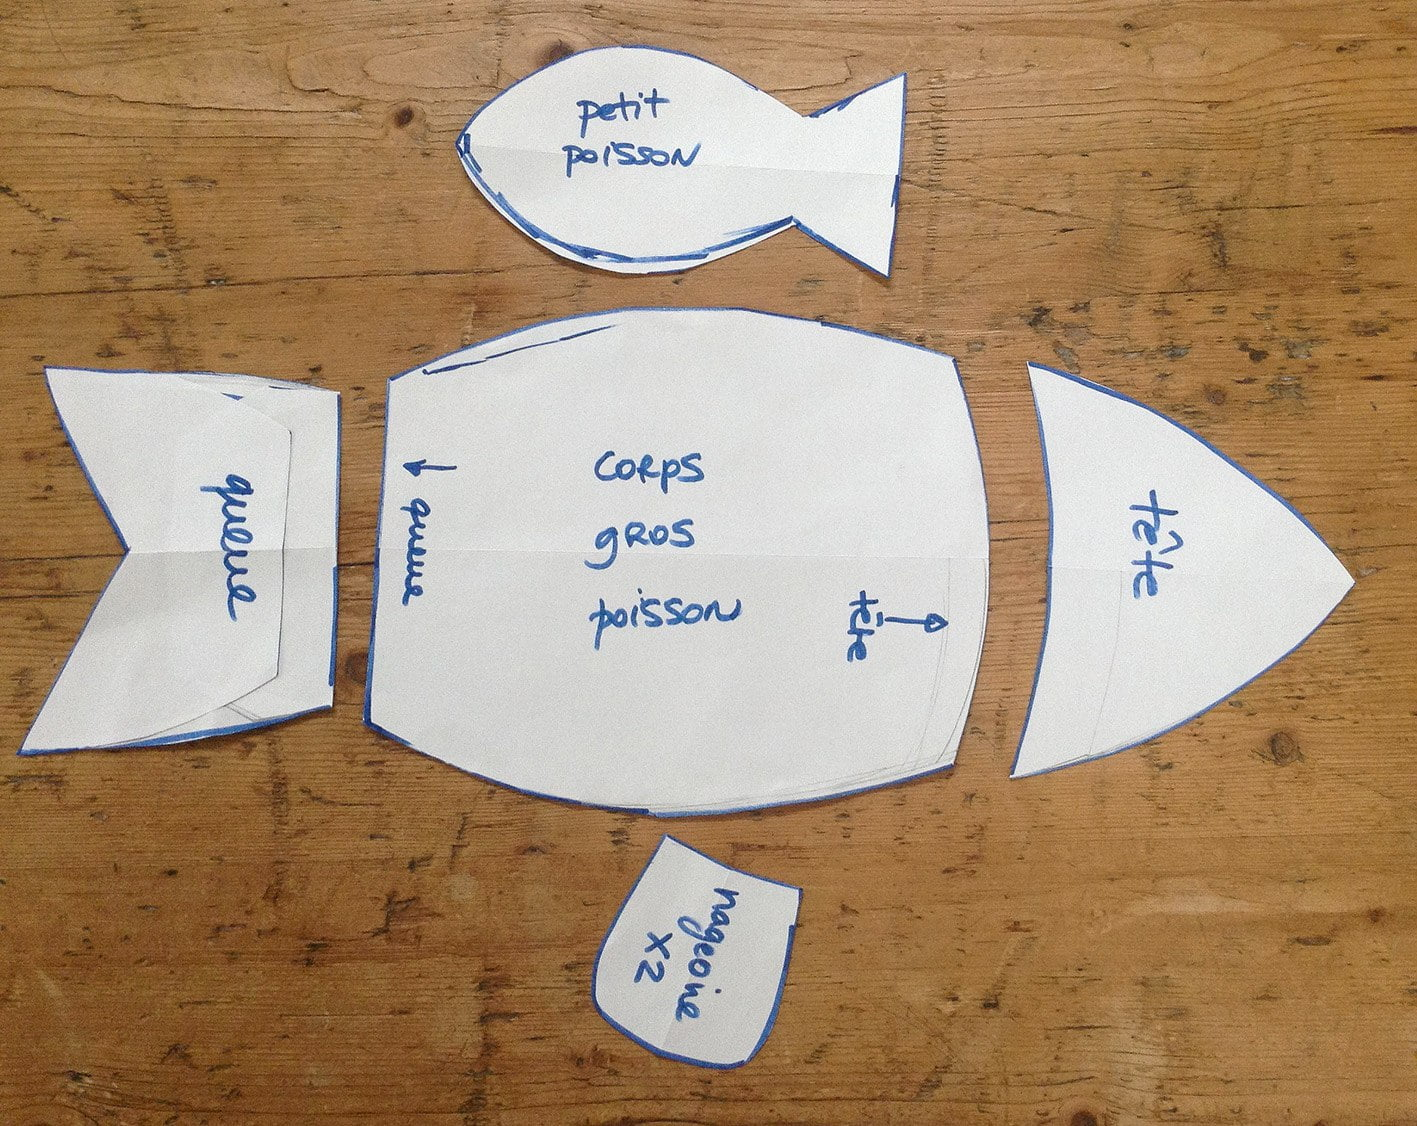 Poisson d 39 avril plusdepulls for Donner poisson